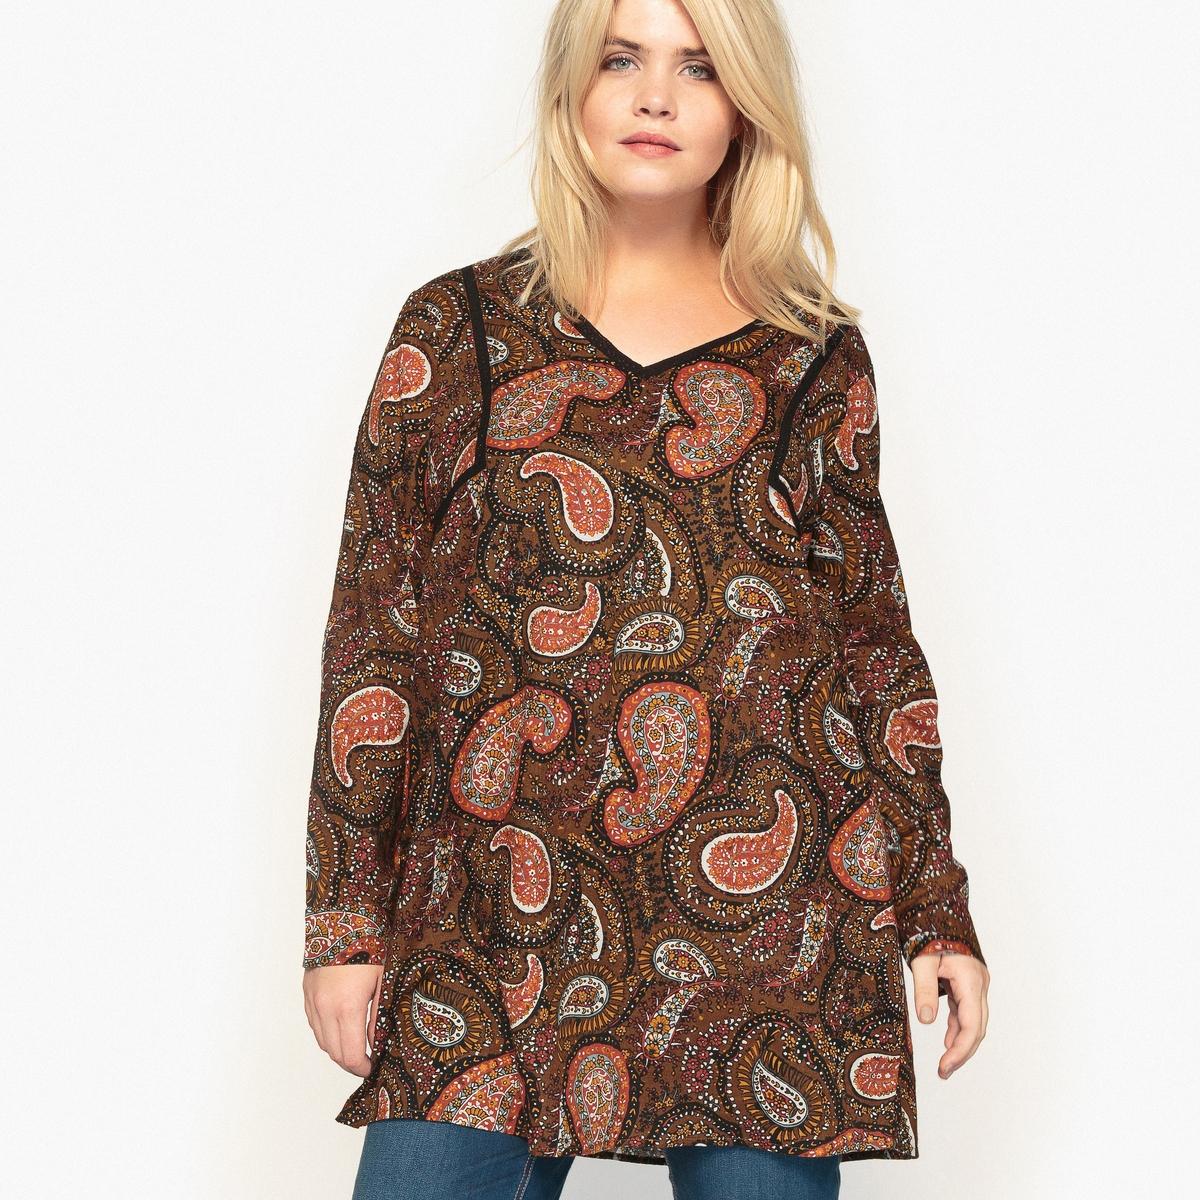 Блузка длинная с принтом, V-образным вырезом и длинными рукавамиВ этой блузке с кашемировым рисунком есть все, чтобы нам понравится . Симпатичный богемный стиль  . Эту длинную блузку можно носить поверх джинсов Детали •  Длинные рукава •  Прямой покрой •  Воротник-поло, рубашечный •  Рисунок в горошекСостав и уход •  100% хлопок •  Температура стирки 30°   •  Сухая чистка и отбеливание запрещены •  Не использовать барабанную сушку •  Низкая температура глажкиТовар из коллекции больших размеров<br><br>Цвет: рисунок пейсли<br>Размер: 48 (FR) - 54 (RUS).46 (FR) - 52 (RUS).52 (FR) - 58 (RUS).54 (FR) - 60 (RUS).50 (FR) - 56 (RUS)